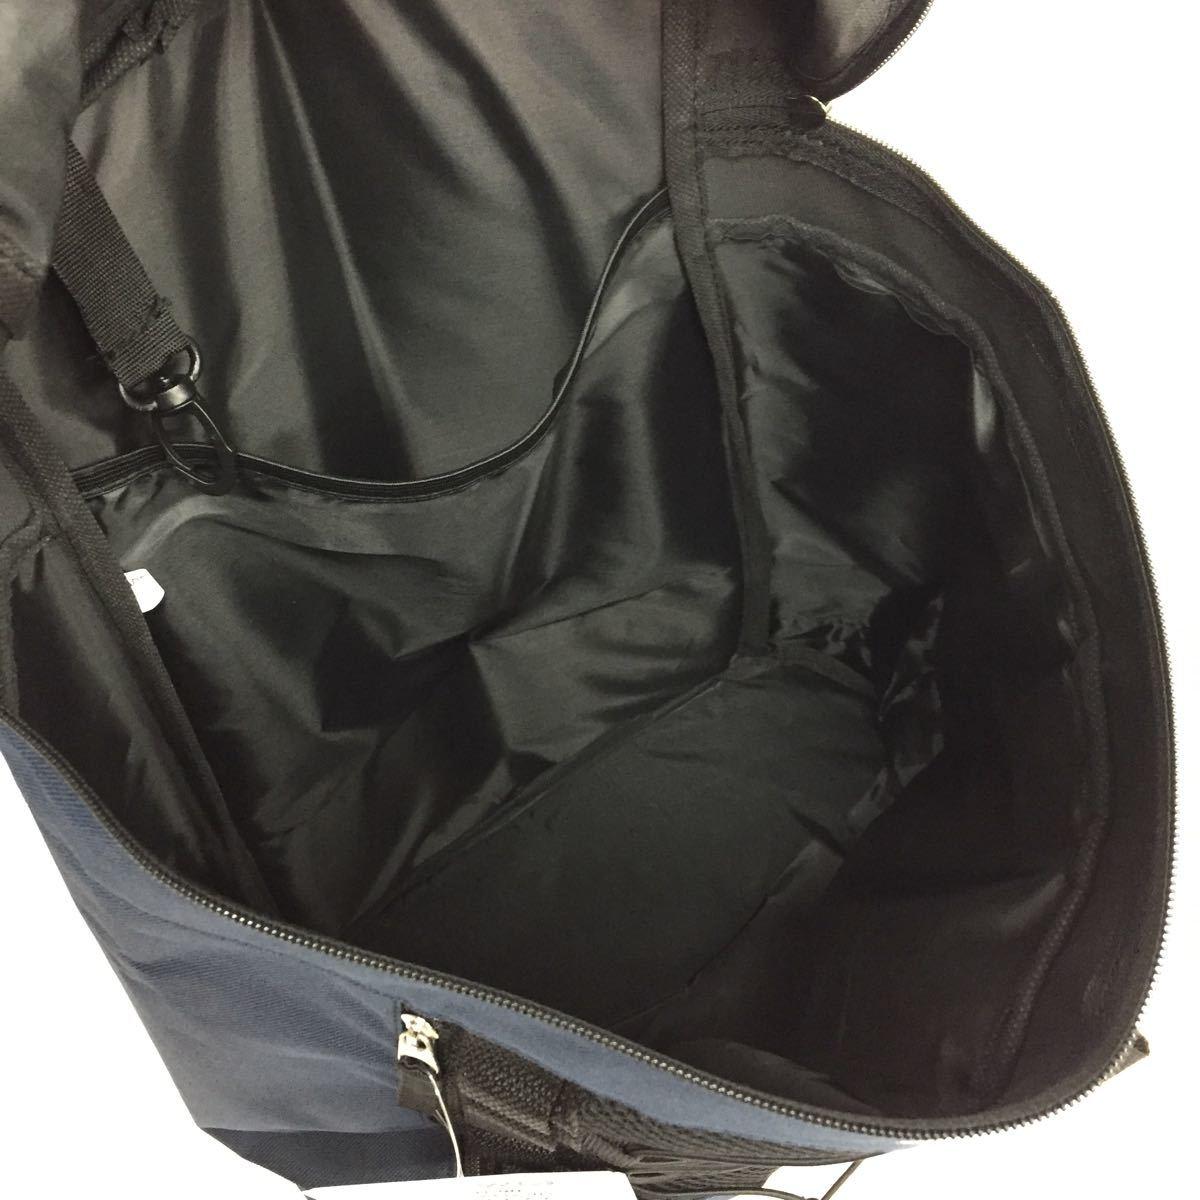 新品 大容量 リュック メンズ レディース リュックサック バックパック 防災リュック 防災バッグ 旅行 防災 ネイビー